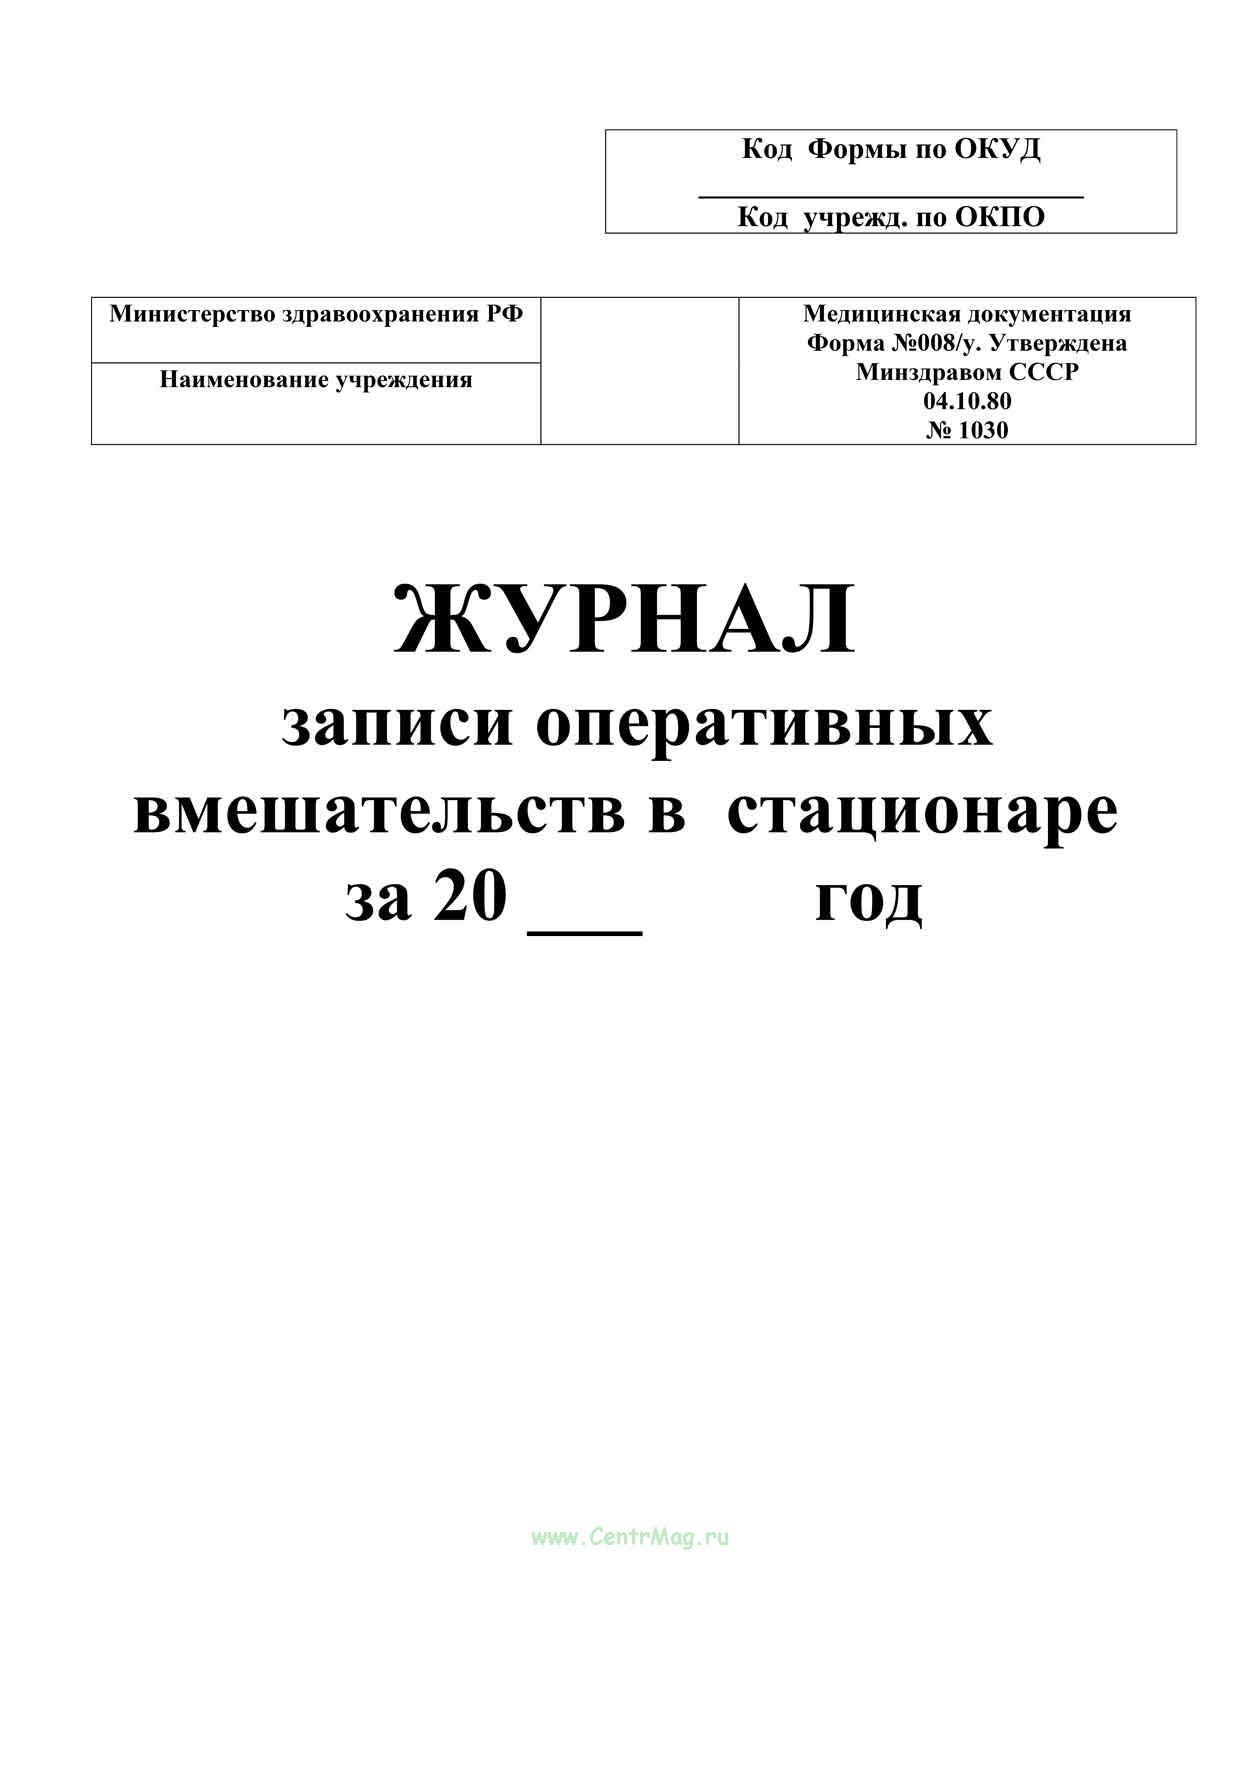 Журнал для записи оперативных вмешательств в стационаре за год форма 008/у